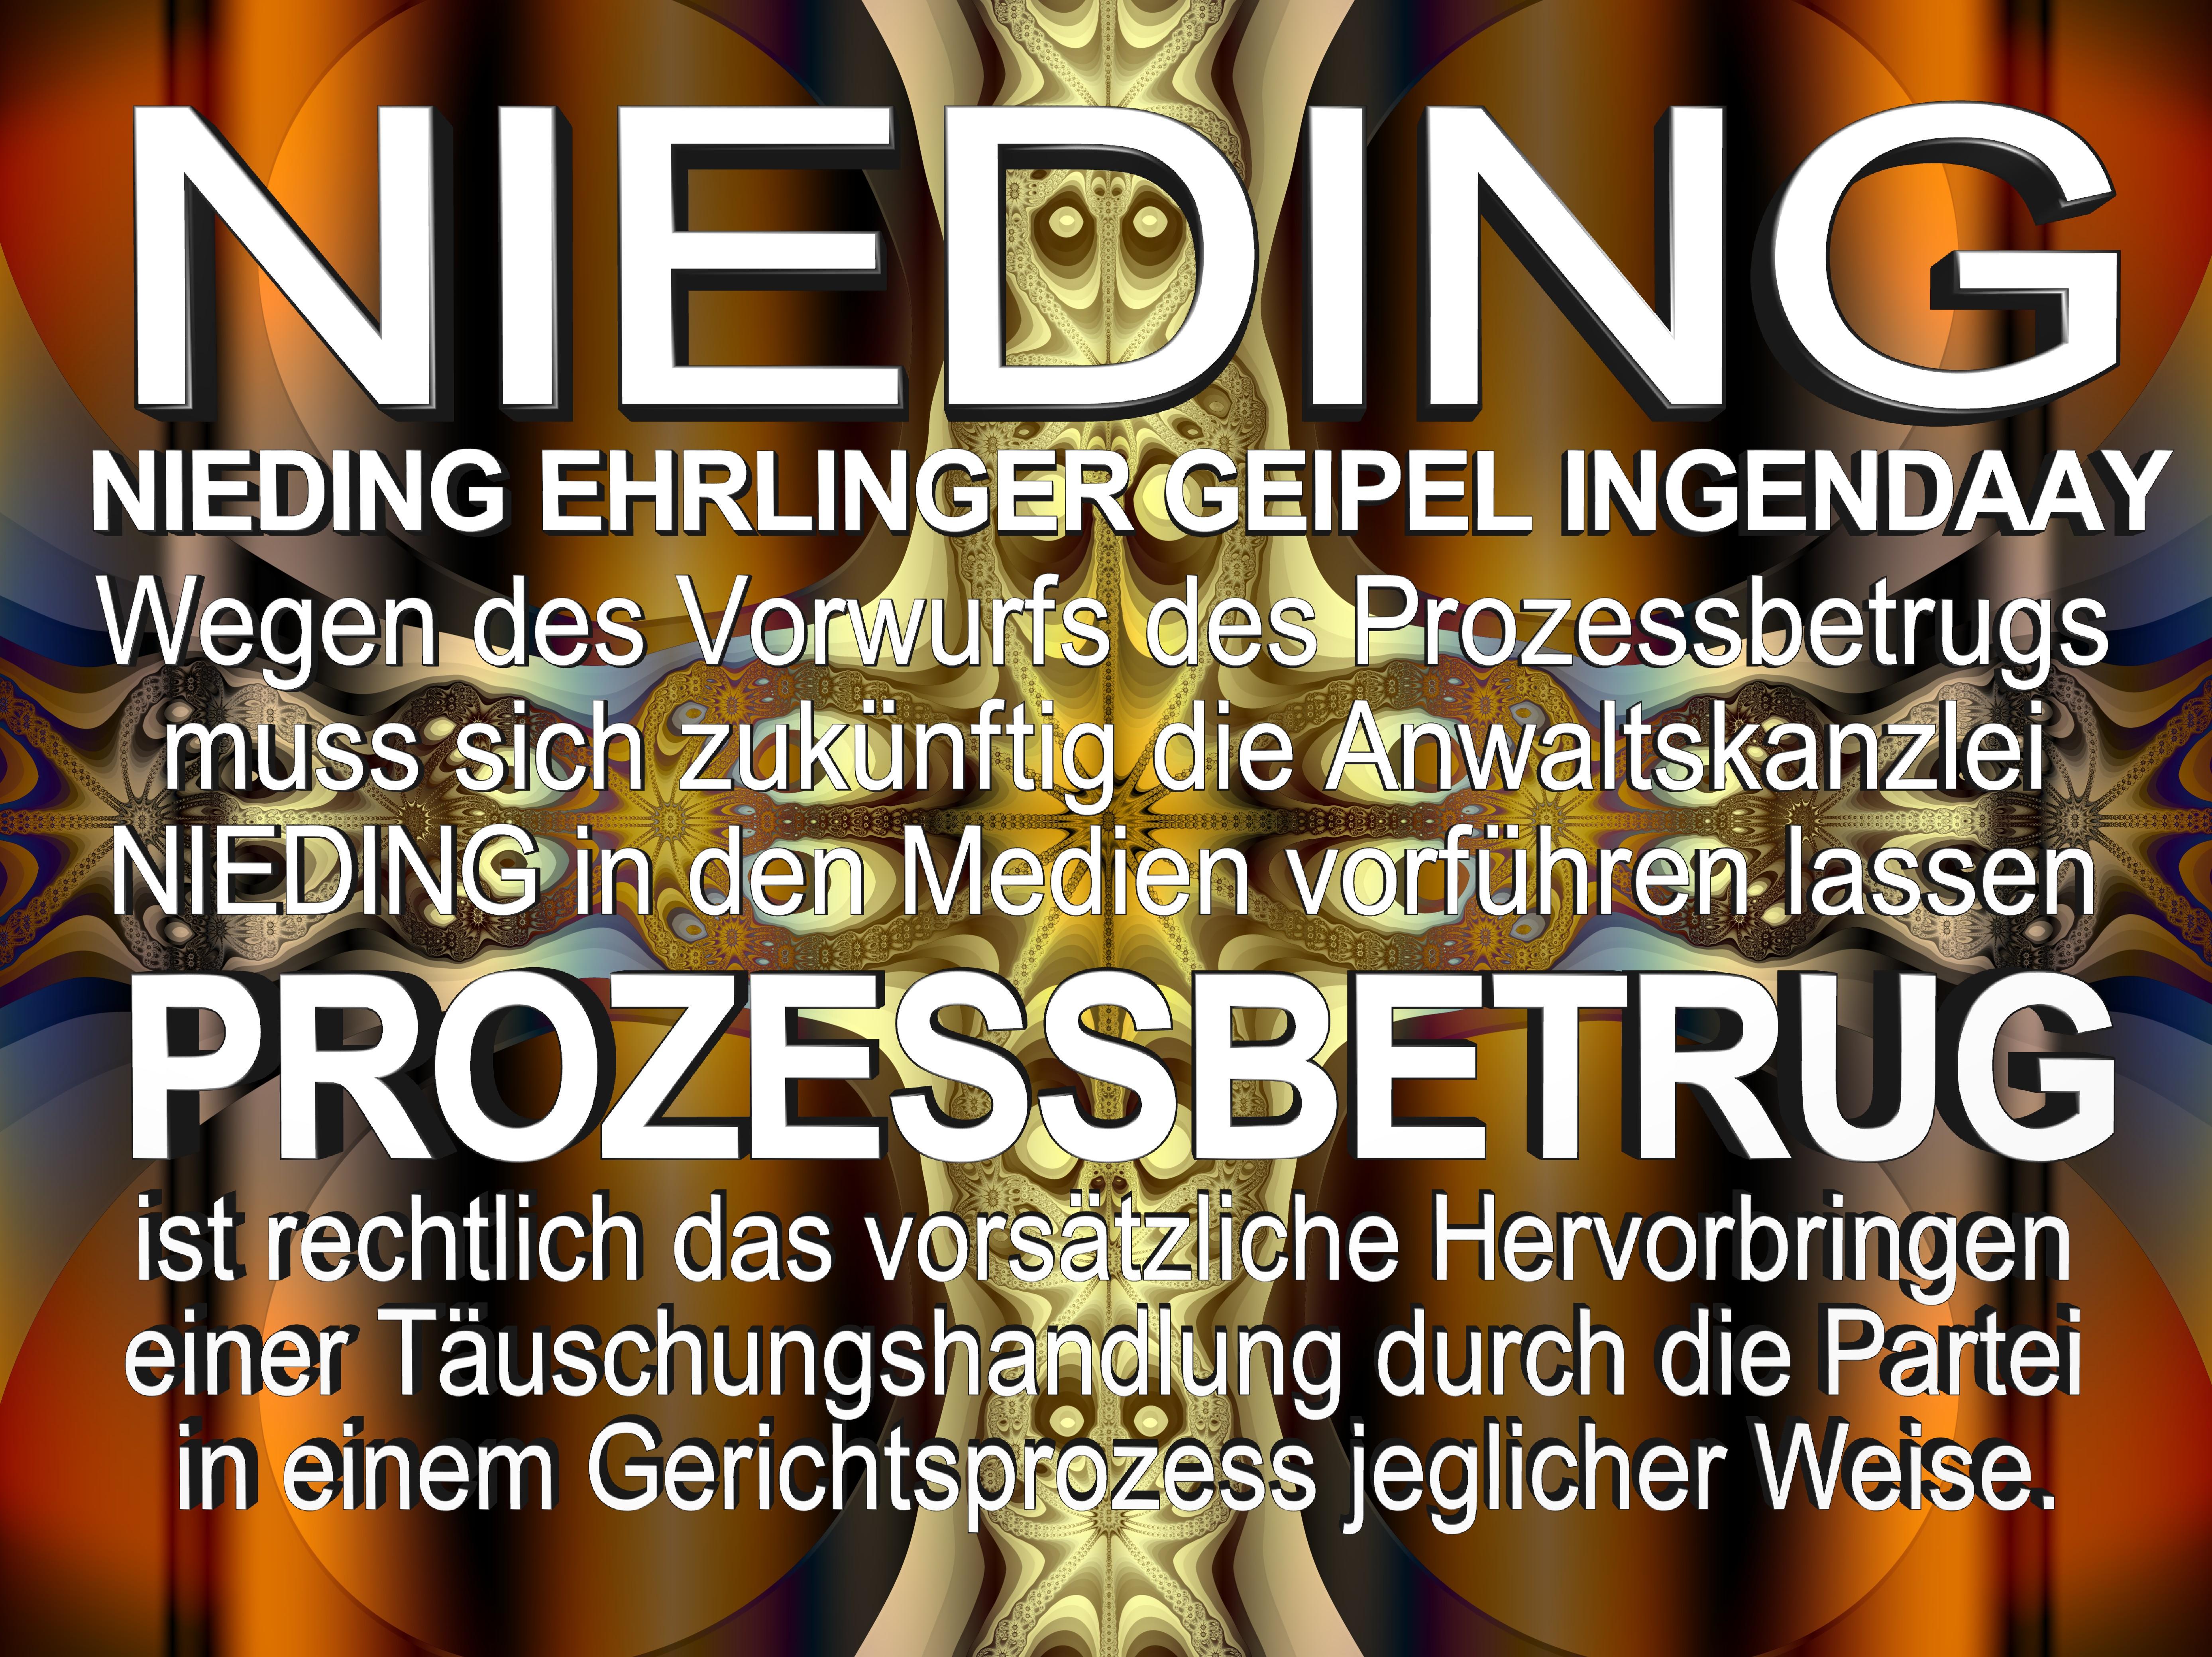 NIEDING EHRLINGER GEIPEL INGENDAAY LELKE Kurfürstendamm 66 Berlin (191)